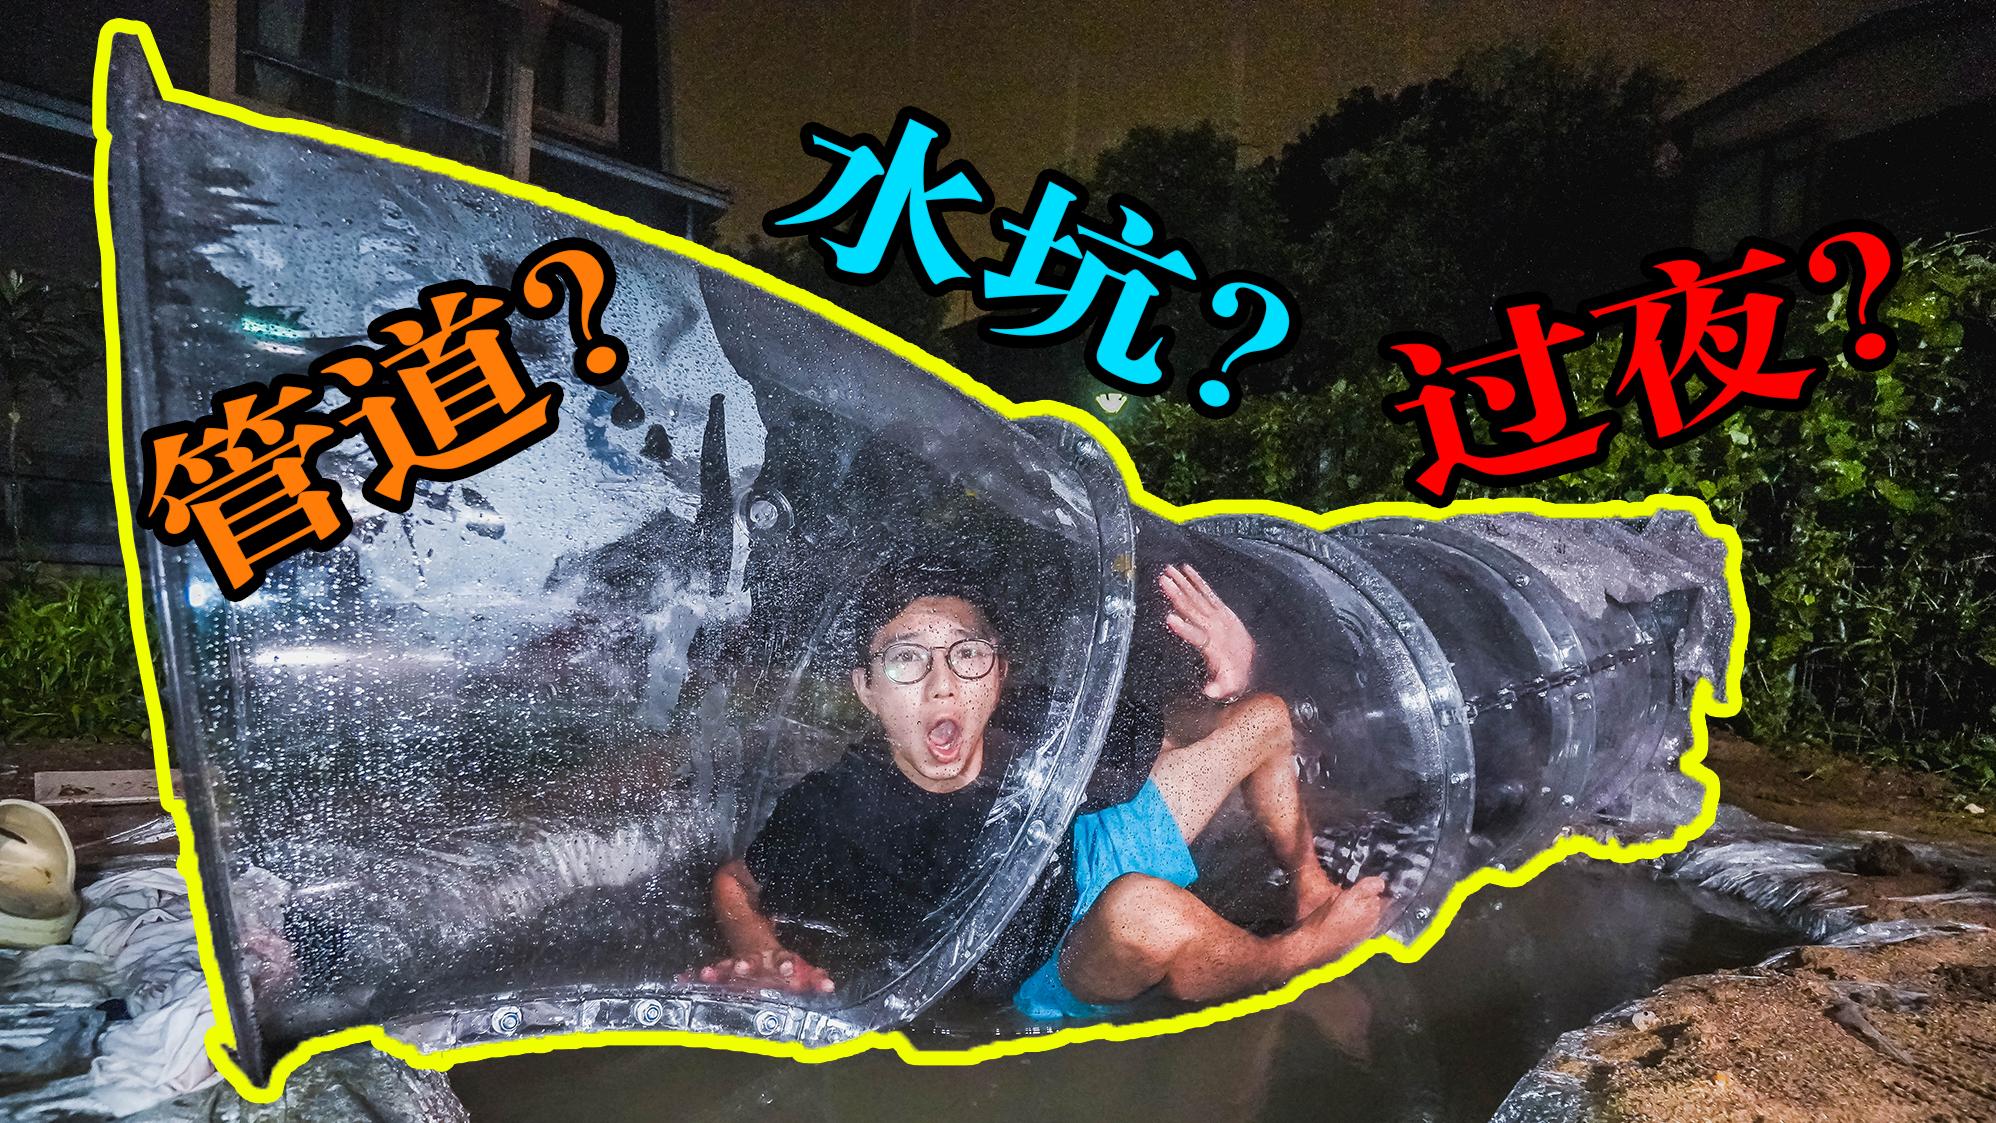 挑战水下睡觉!我在水坑上用滑梯造了个管道!没想到半路翻车狼狈不堪!